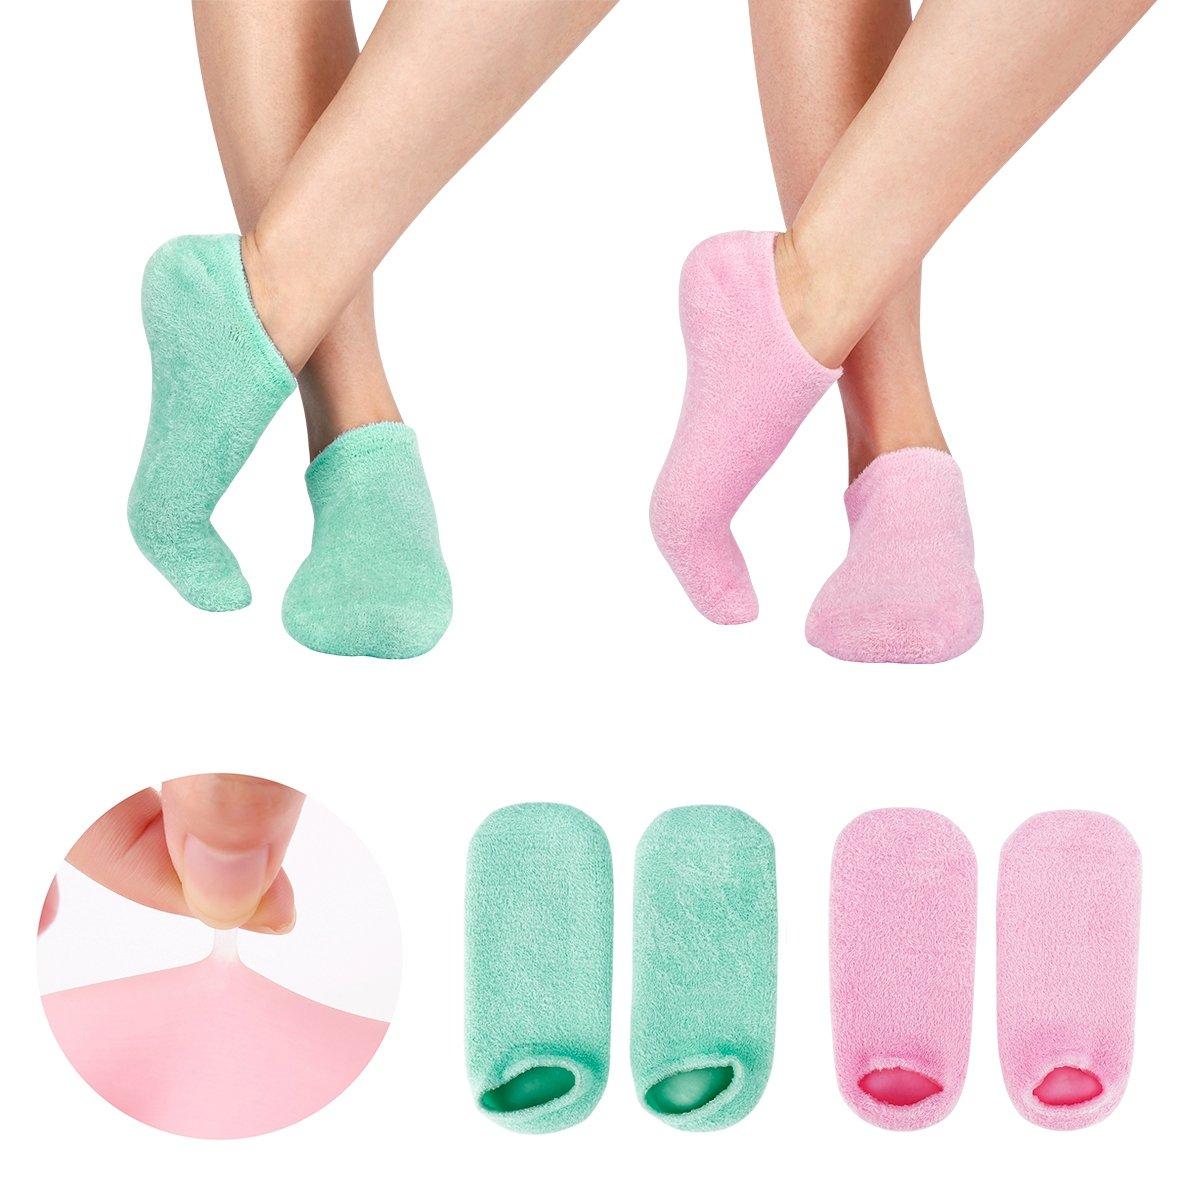 2 Paar Feuchtigkeitsspendende Gel-Socken mit Spa-Qualität Gel für Feuchtigkeitsspendende Vitamin E und Öl Infundiert Helfende Reparatur Trockene Gebrochene Peeling Schwielen und abgestorbene Haut (GREEN+PINK) Happon